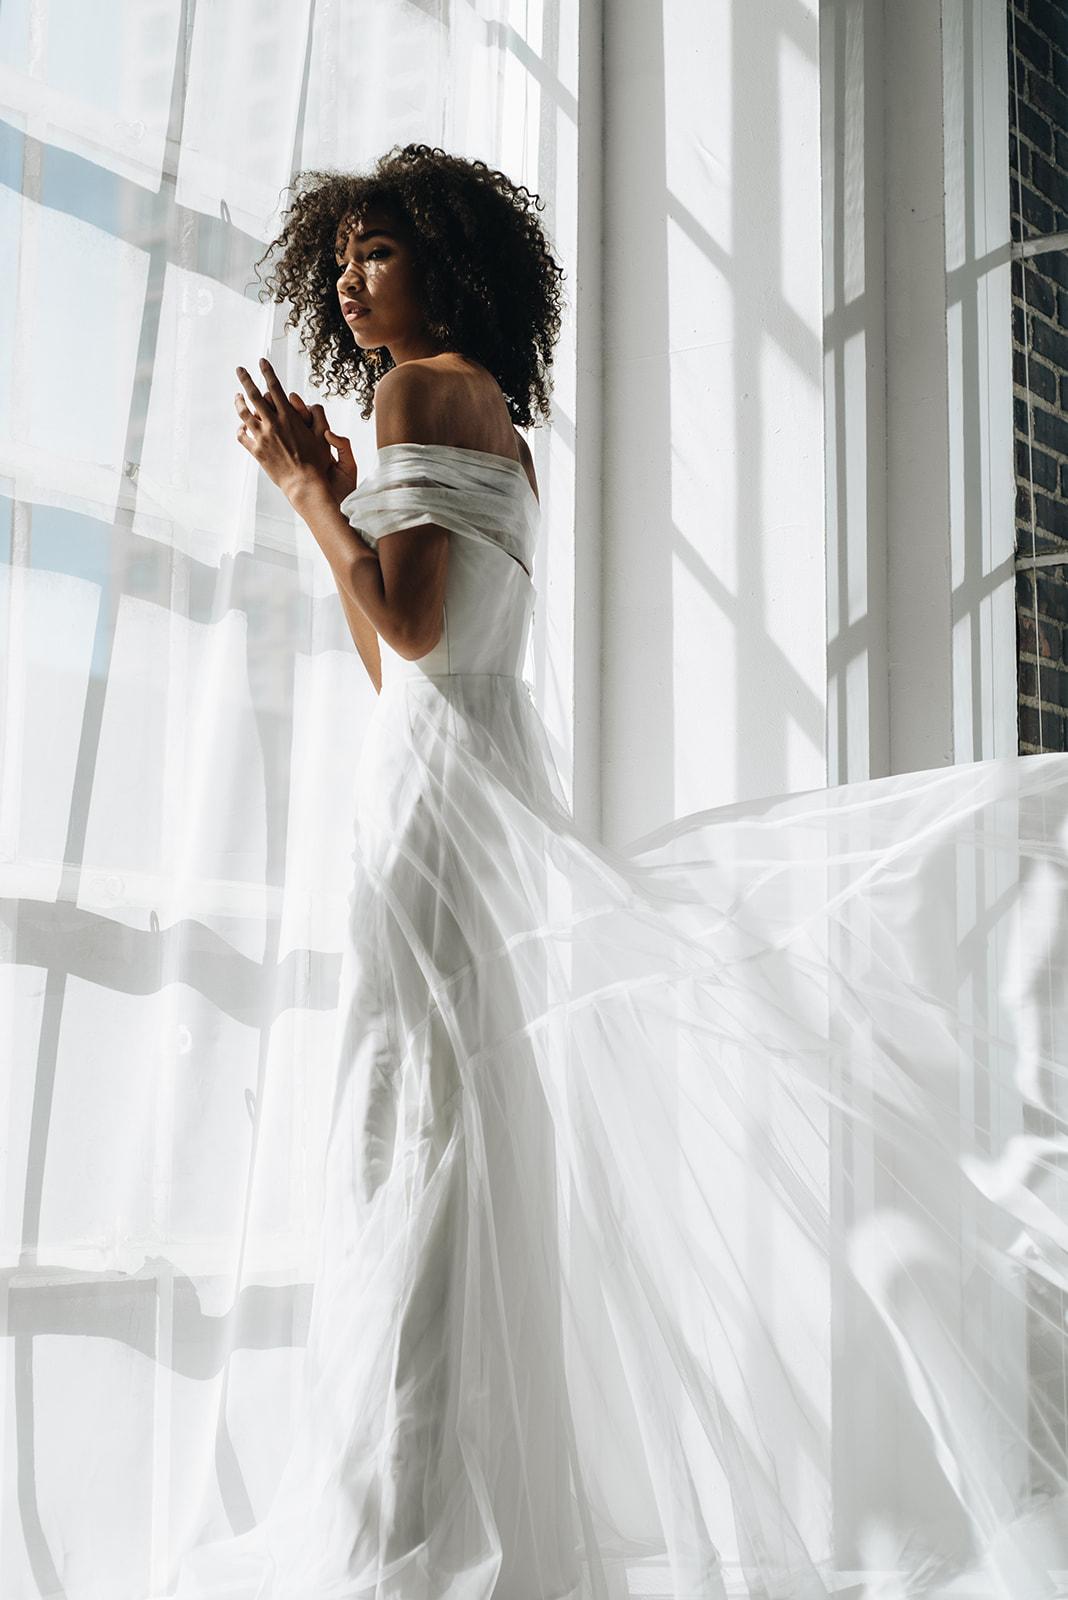 onefineday-editorial-georgiayoung-weddingdress